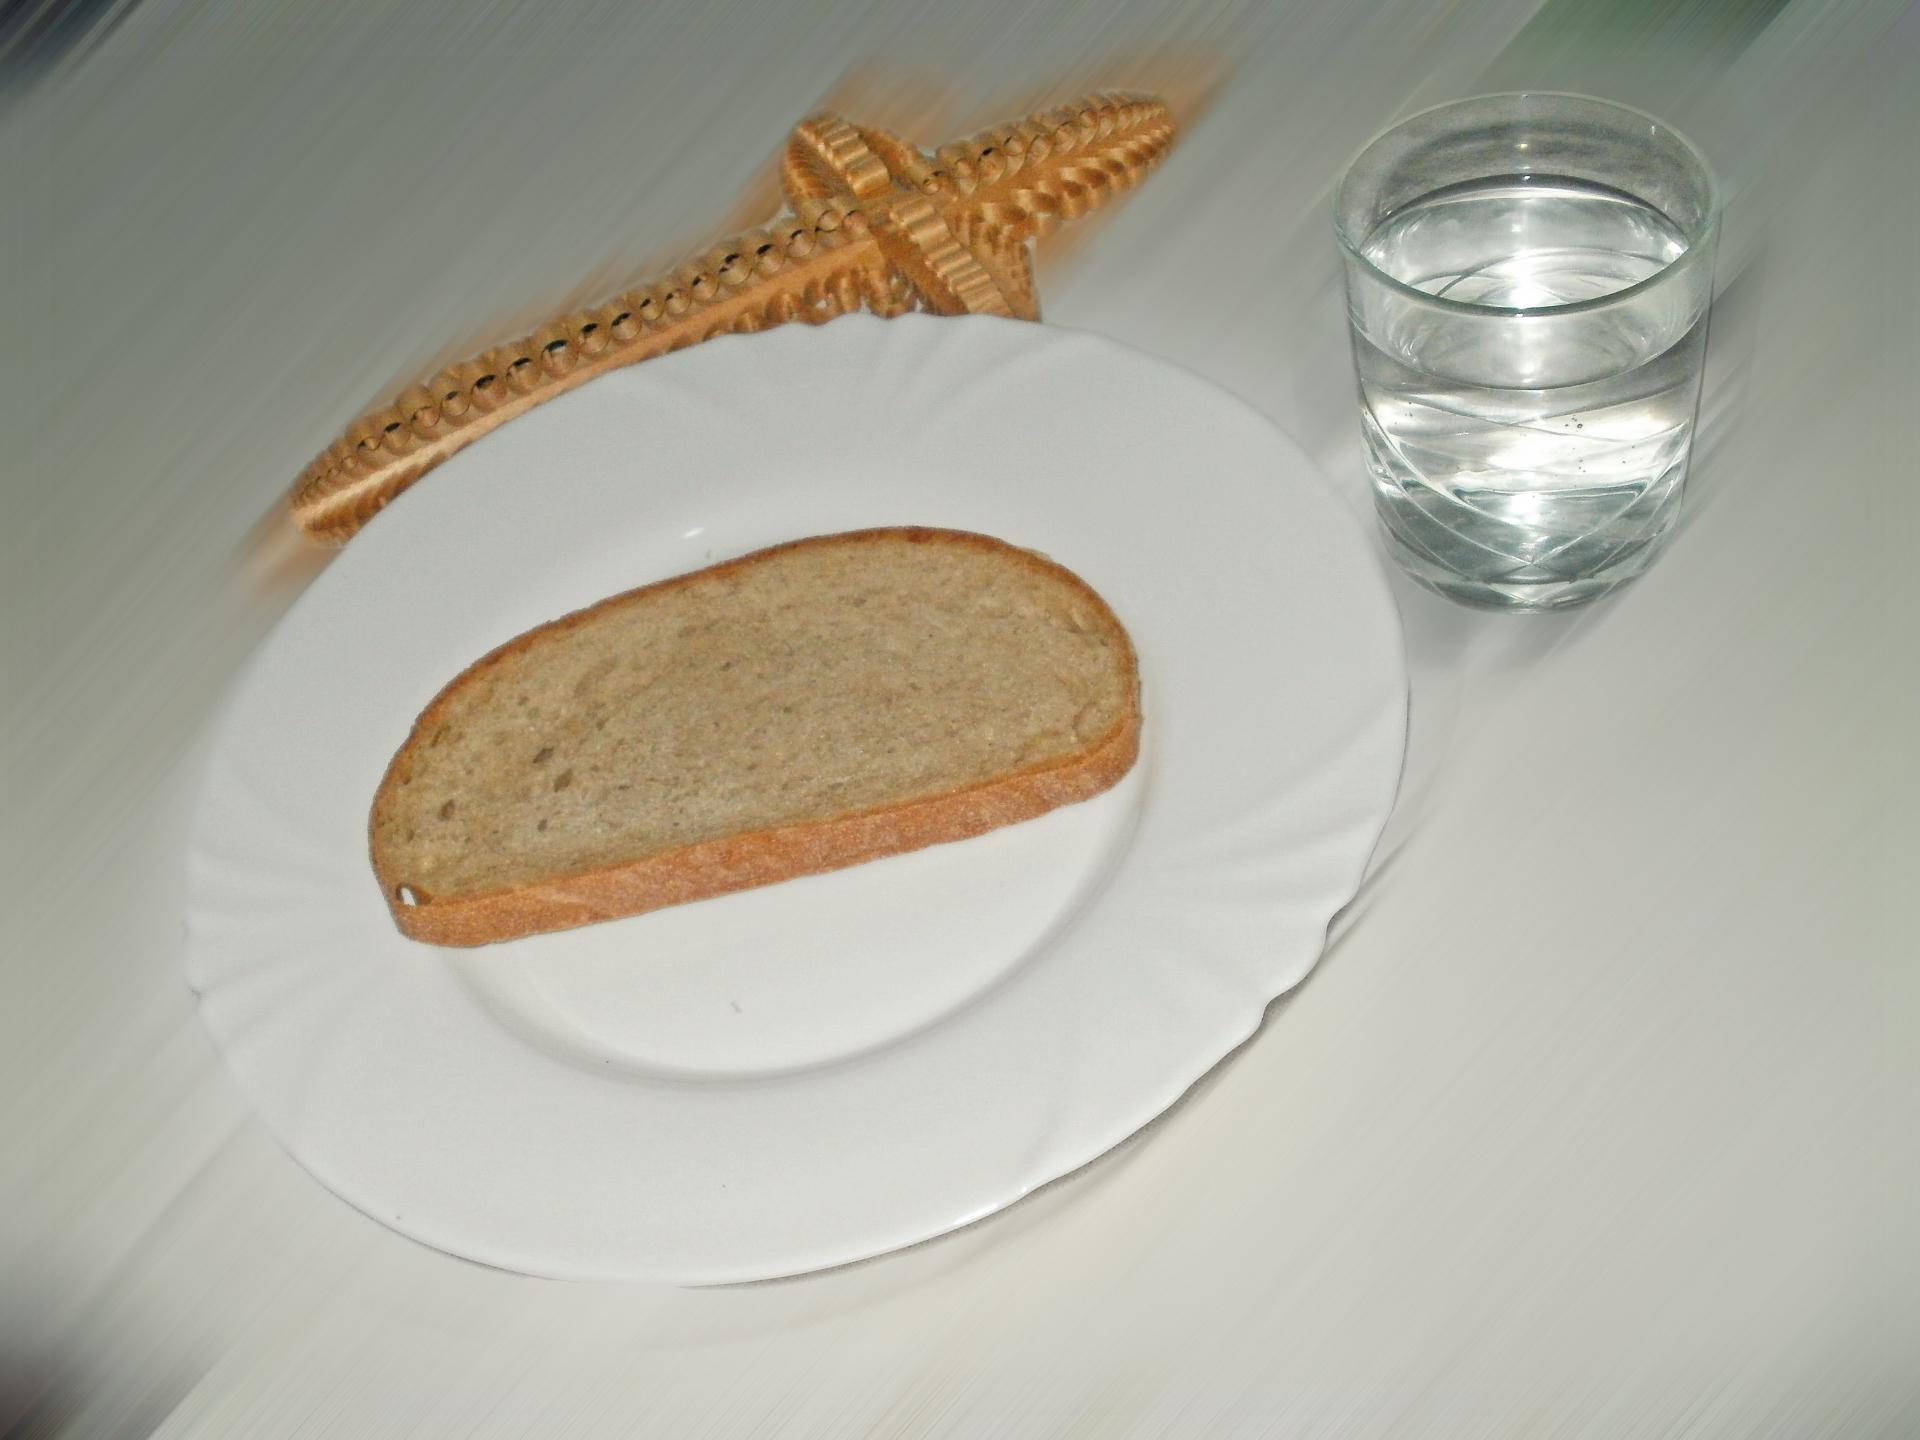 In der christlichen Tradition ist teilweise das Essen bestimmter Lebensmittel wie Brot erlaubt. - Photocredit: pixabay.com/rovin